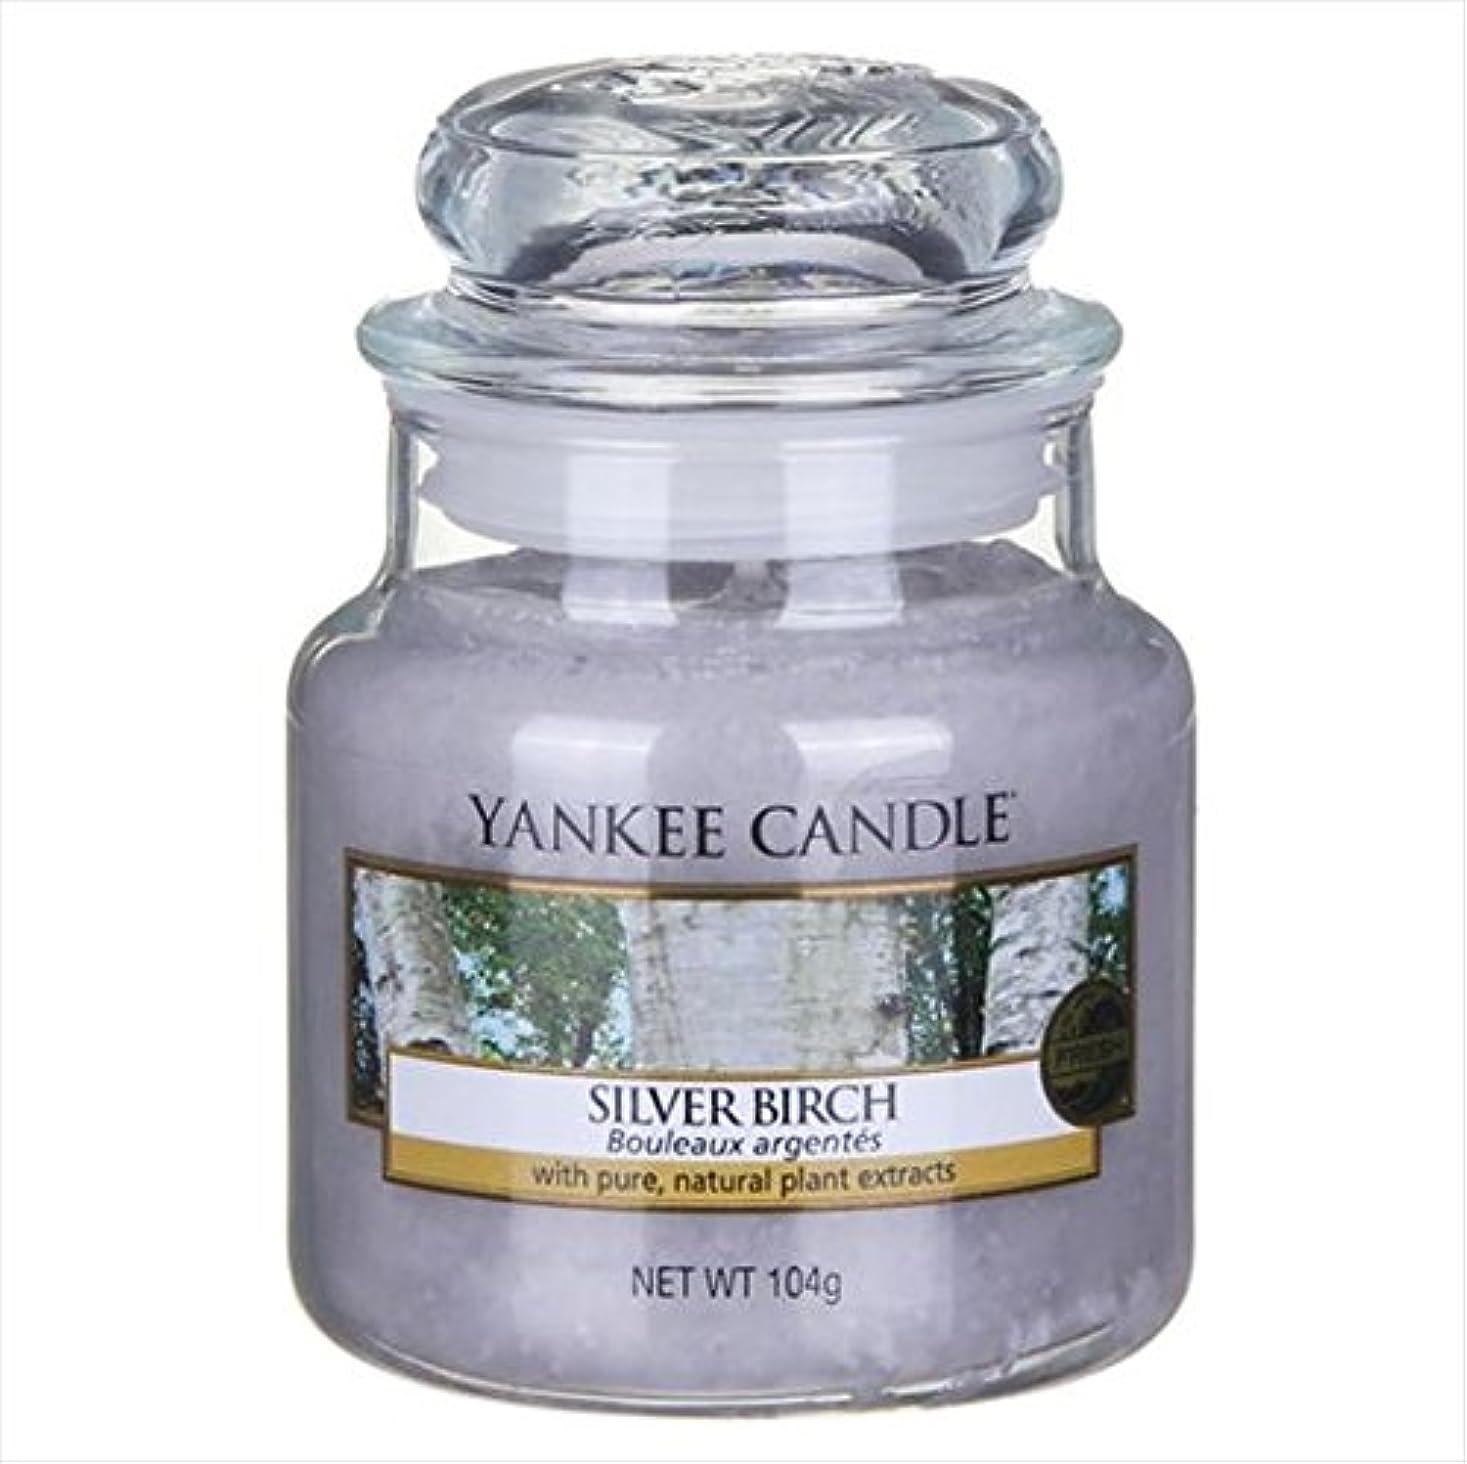 ルーチン編集者アルネヤンキーキャンドル(YANKEE CANDLE) YANKEE CANDLEジャーS 「 シルバーバーチ 」